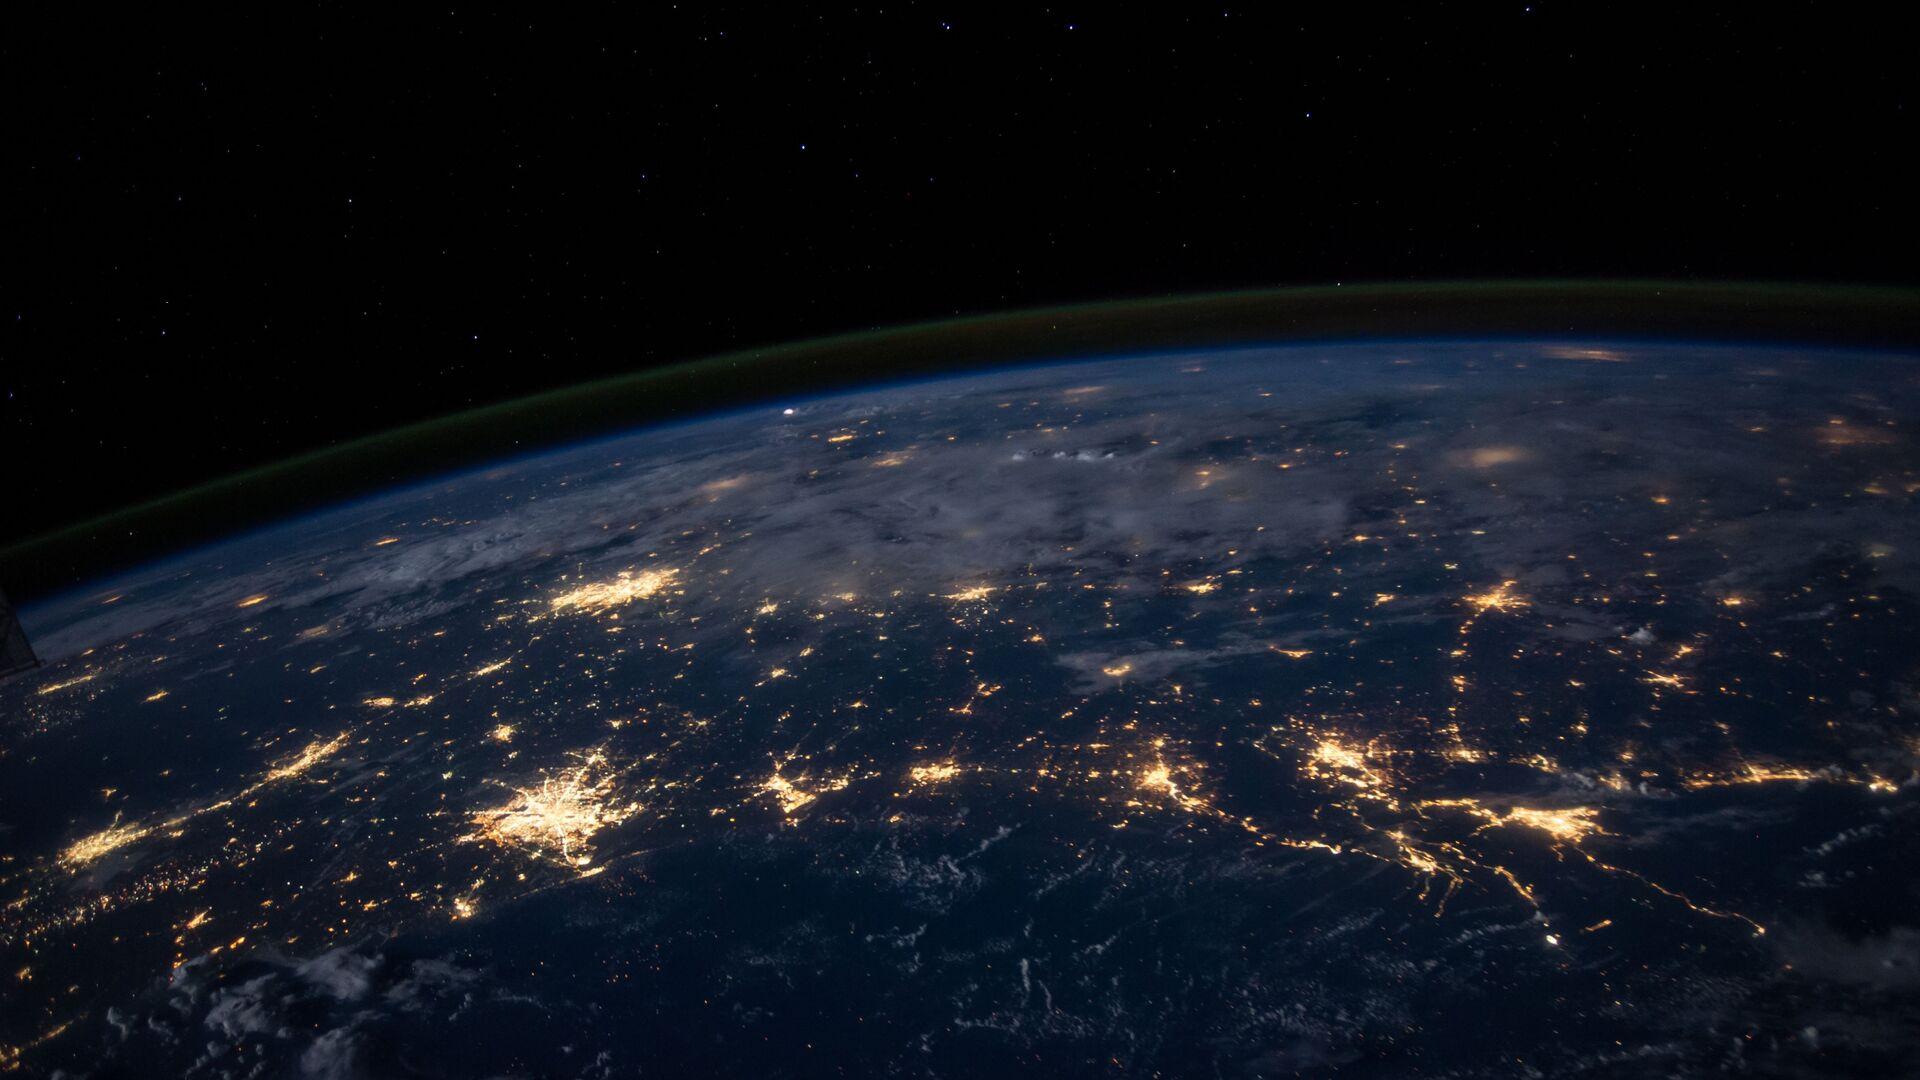 La Tierra vista desde el espacio (imagen referencial) - Sputnik Mundo, 1920, 12.03.2021